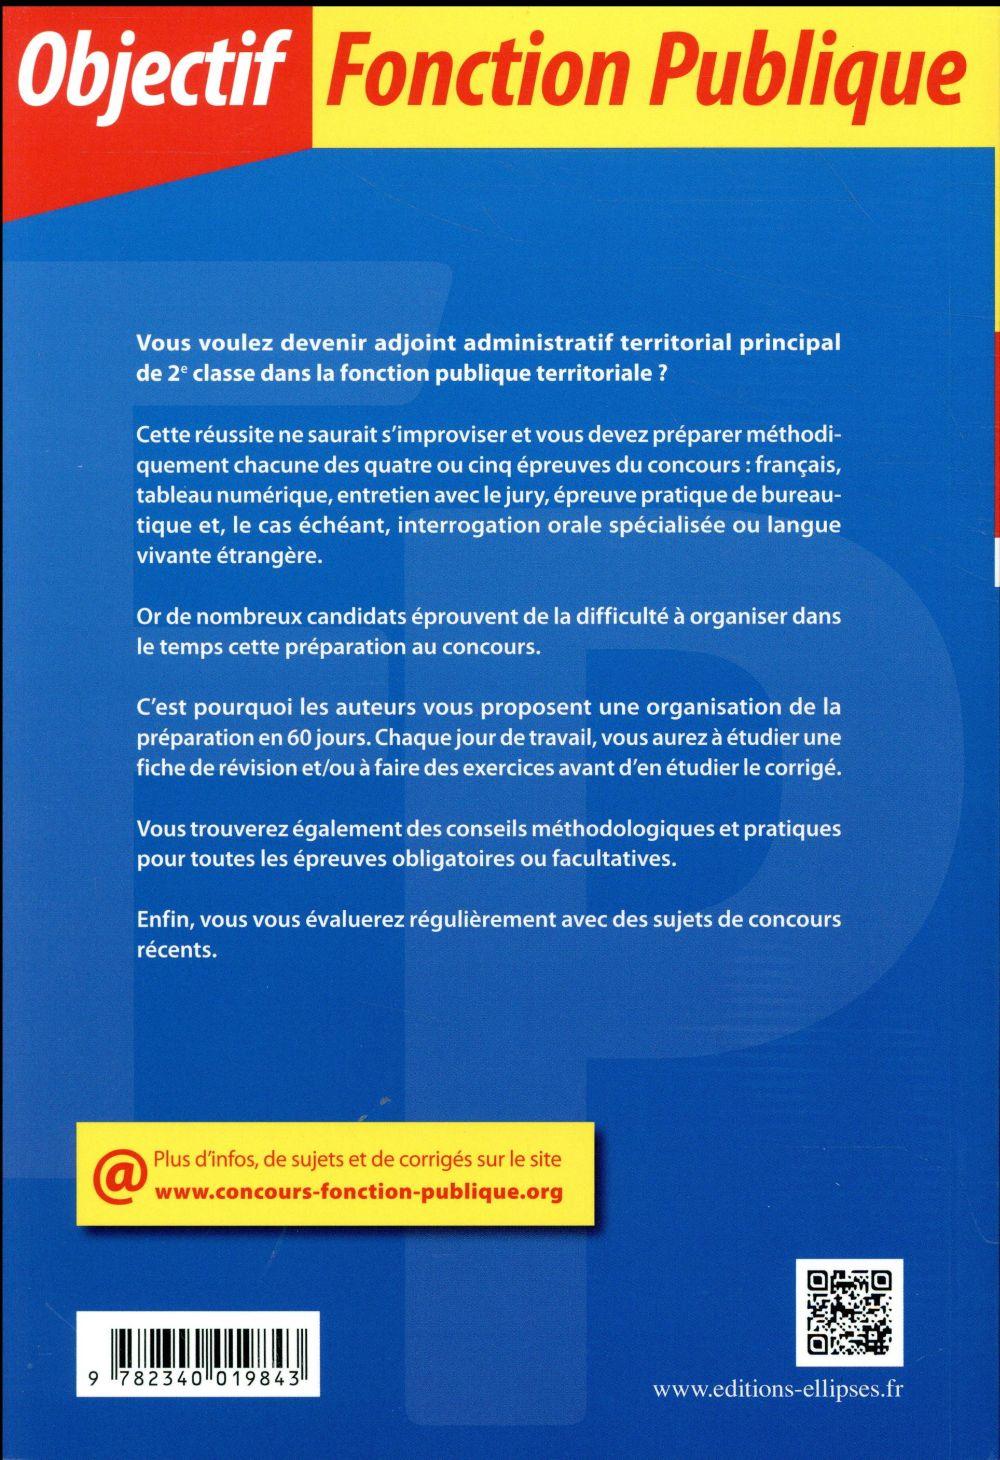 60 Jours Pour Devenir Adjoint Administratif Territorial De 2e Classe Categorie C Tout En Un 2e Edition Bernard Blanc Denise Blanc Philippe Blanc Philippe Jean Quillien Ellipses Grand Format